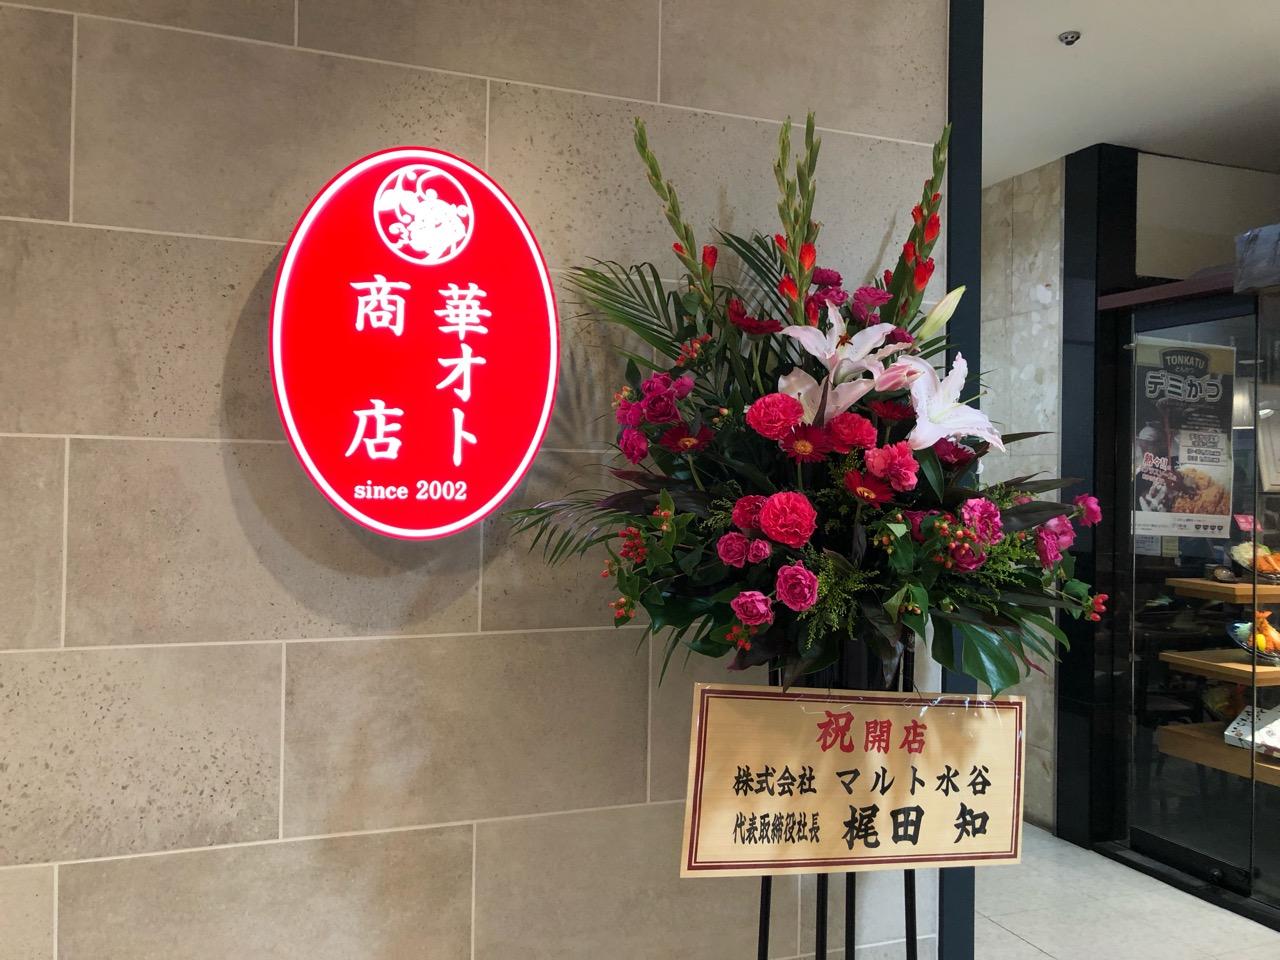 日式麺飯「華オト商店」